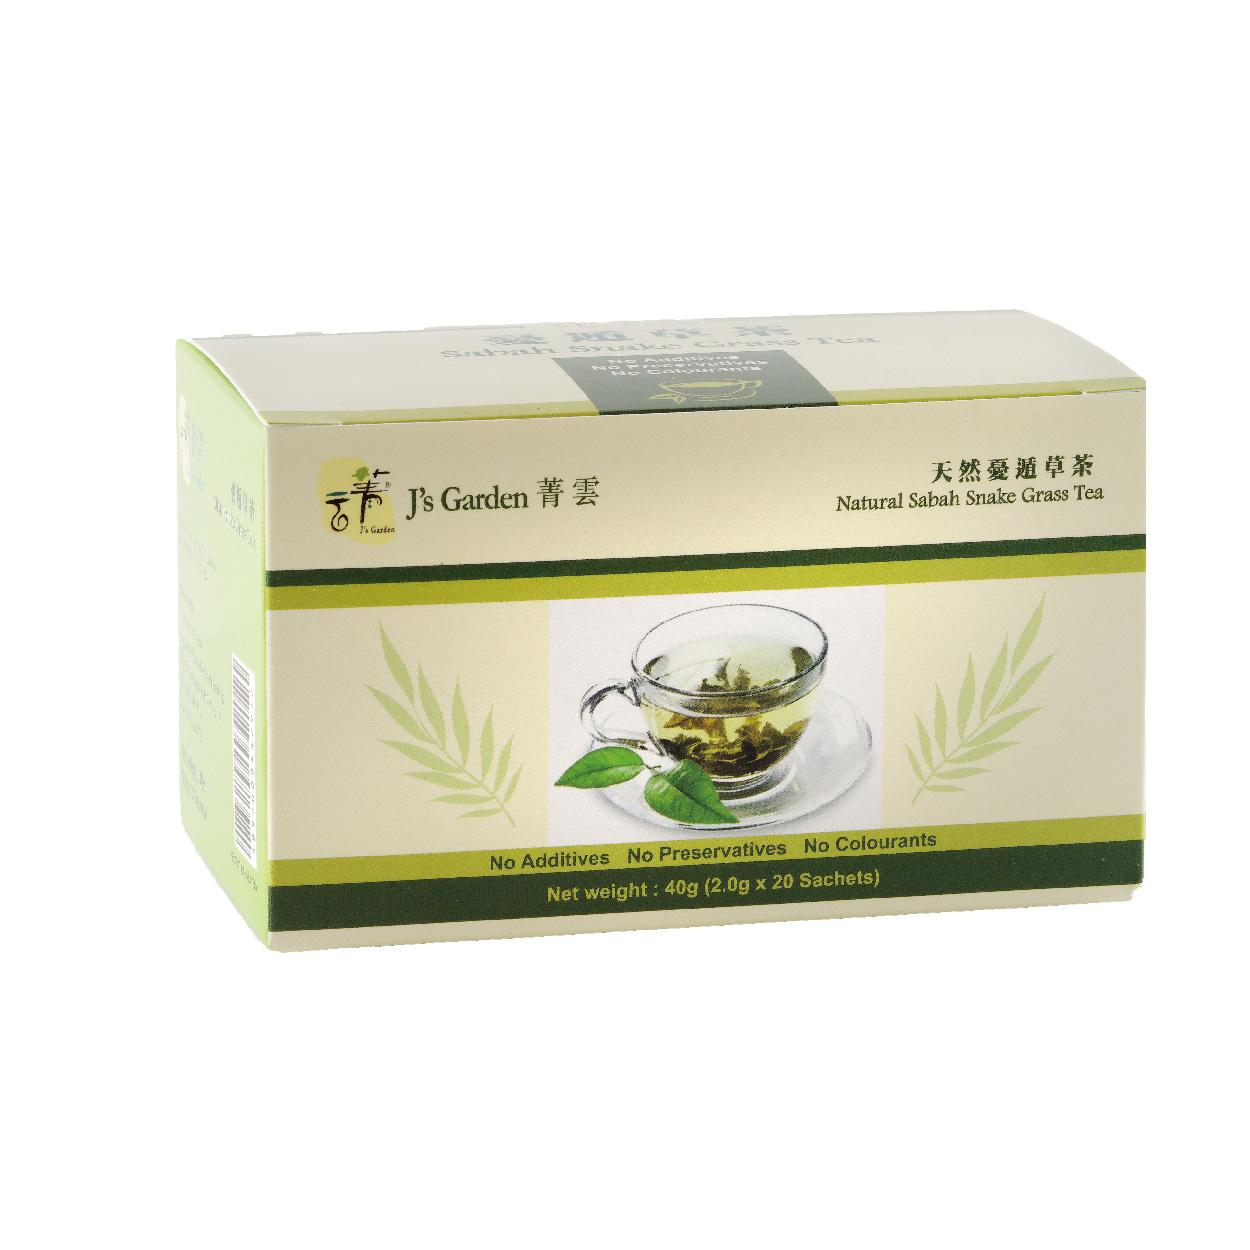 菁雲 憂遁草 40g (每盒20 茶包)